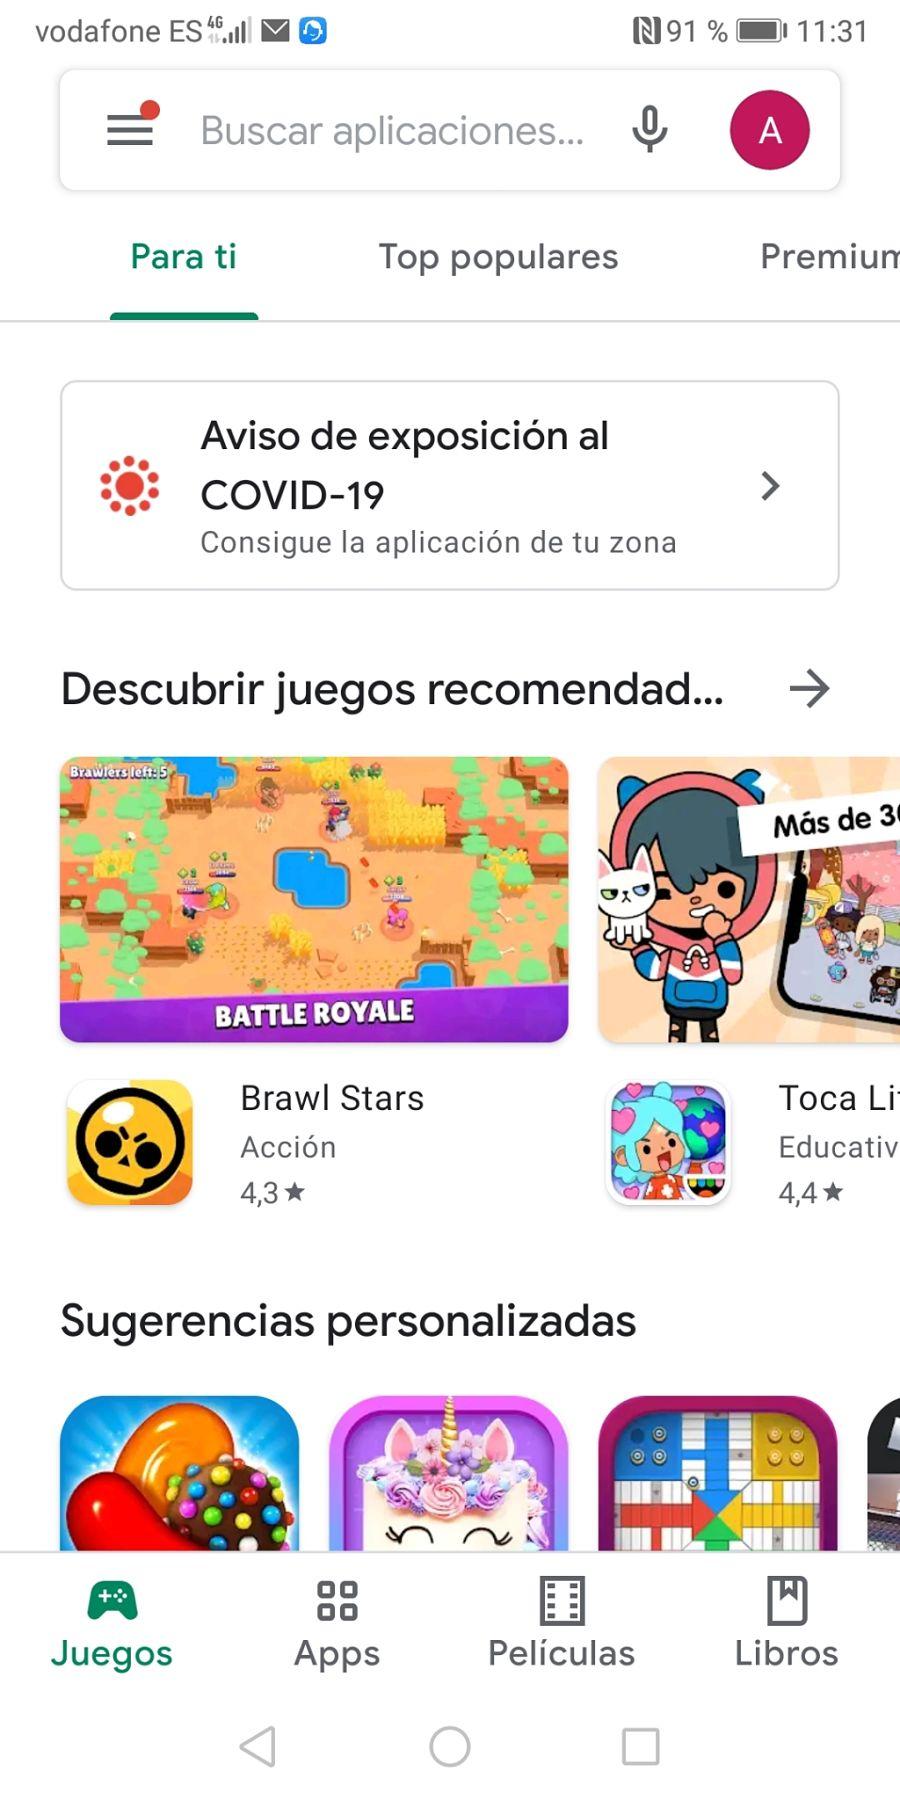 Acceder a la Play Store para buscar una App de acceso remoto